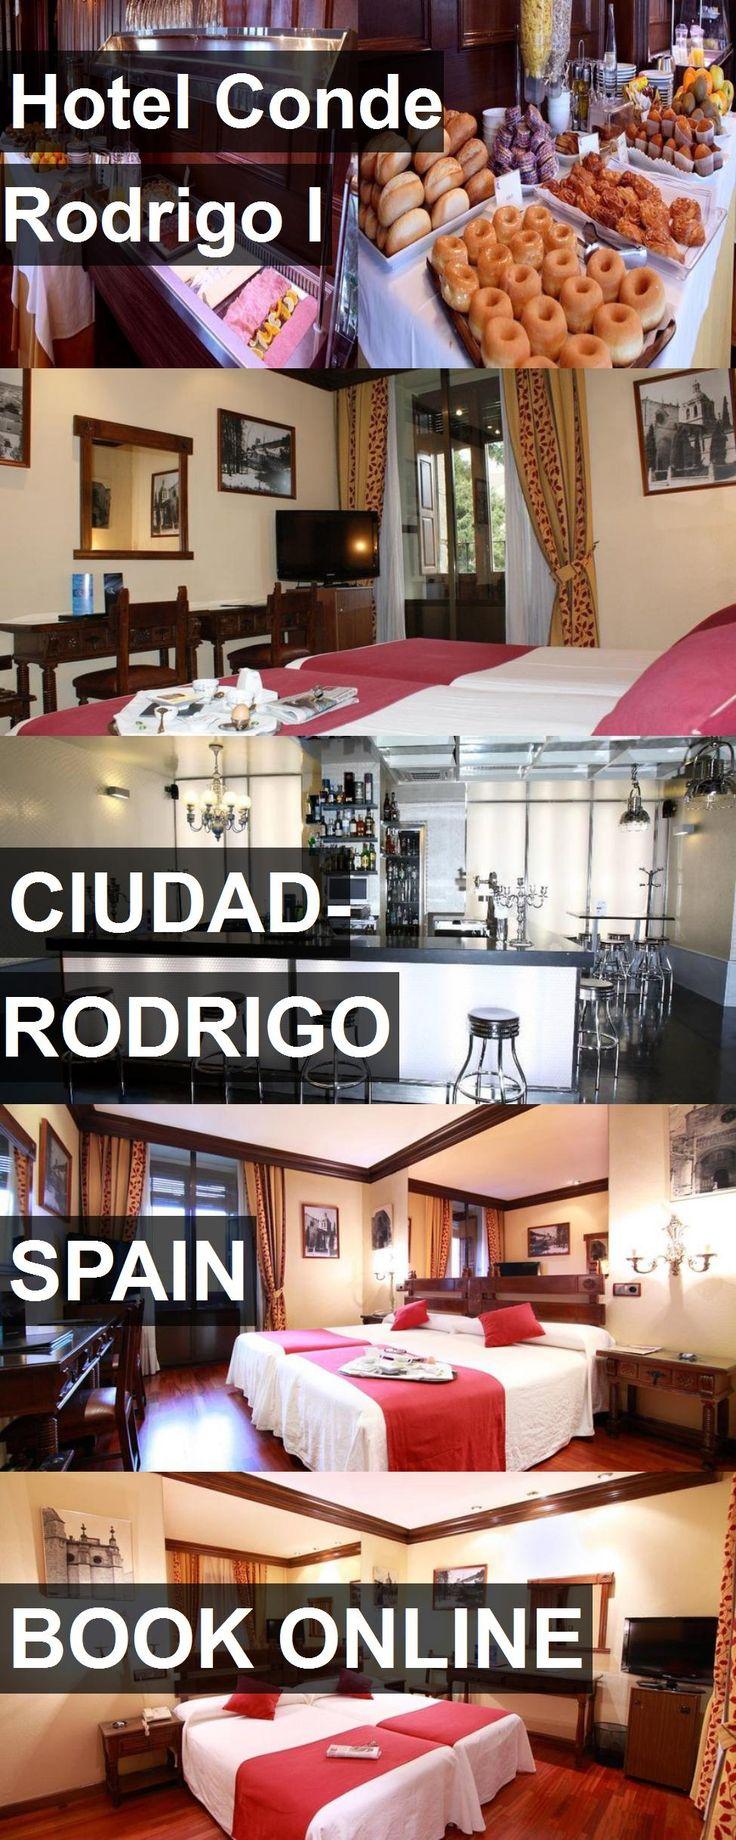 Hotel Conde Rodrigo I in Ciudad-Rodrigo, Spain. For more information, photos, reviews and best prices please follow the link. #Spain #Ciudad-Rodrigo #travel #vacation #hotel